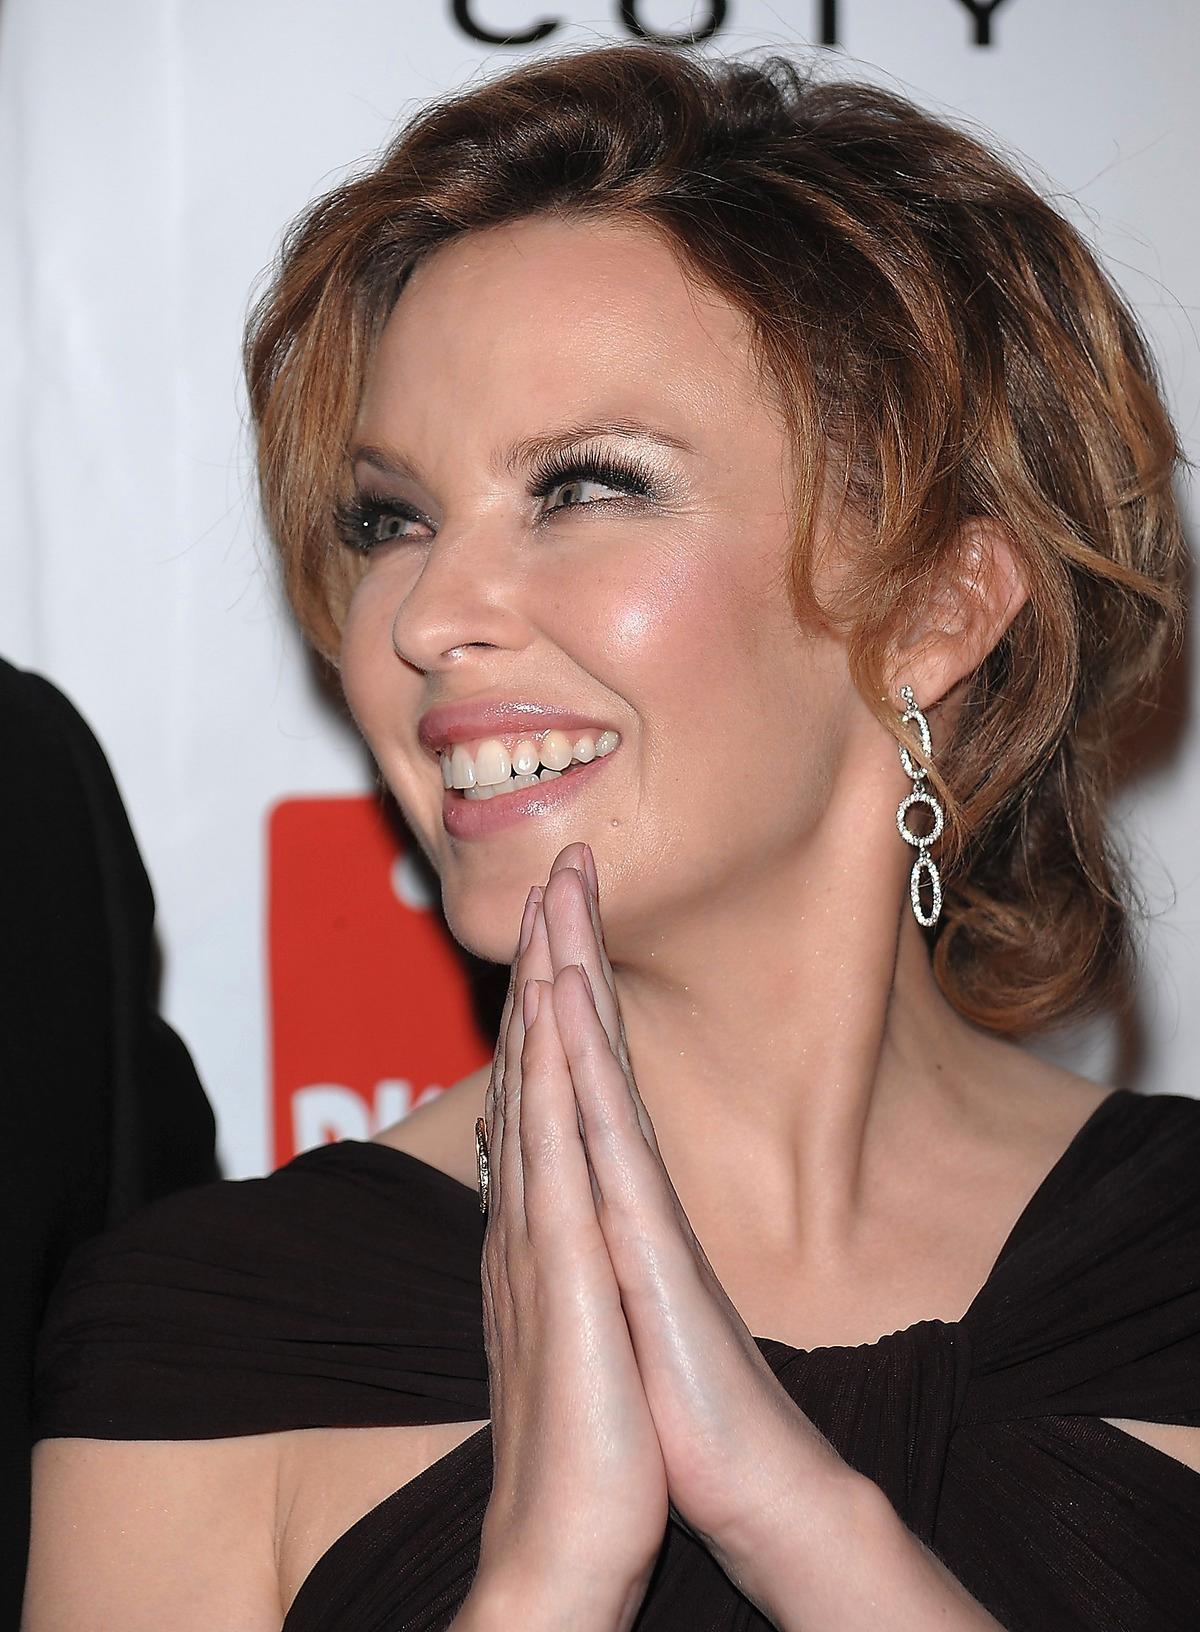 Minogue.